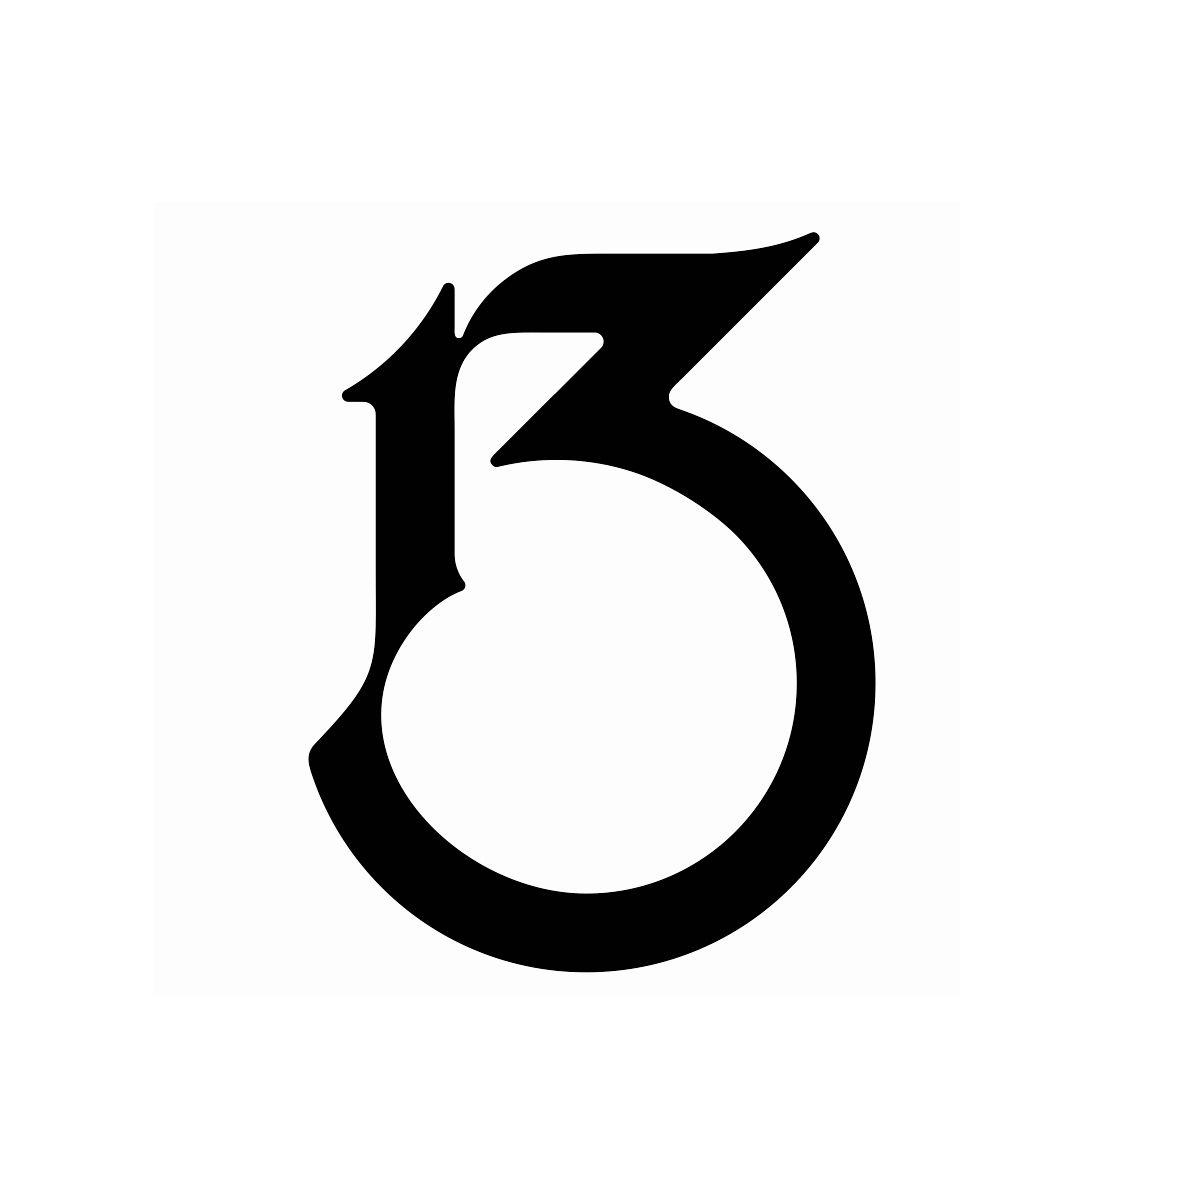 B13 bashev denis ink link number 13 tattoos 13 tattoos